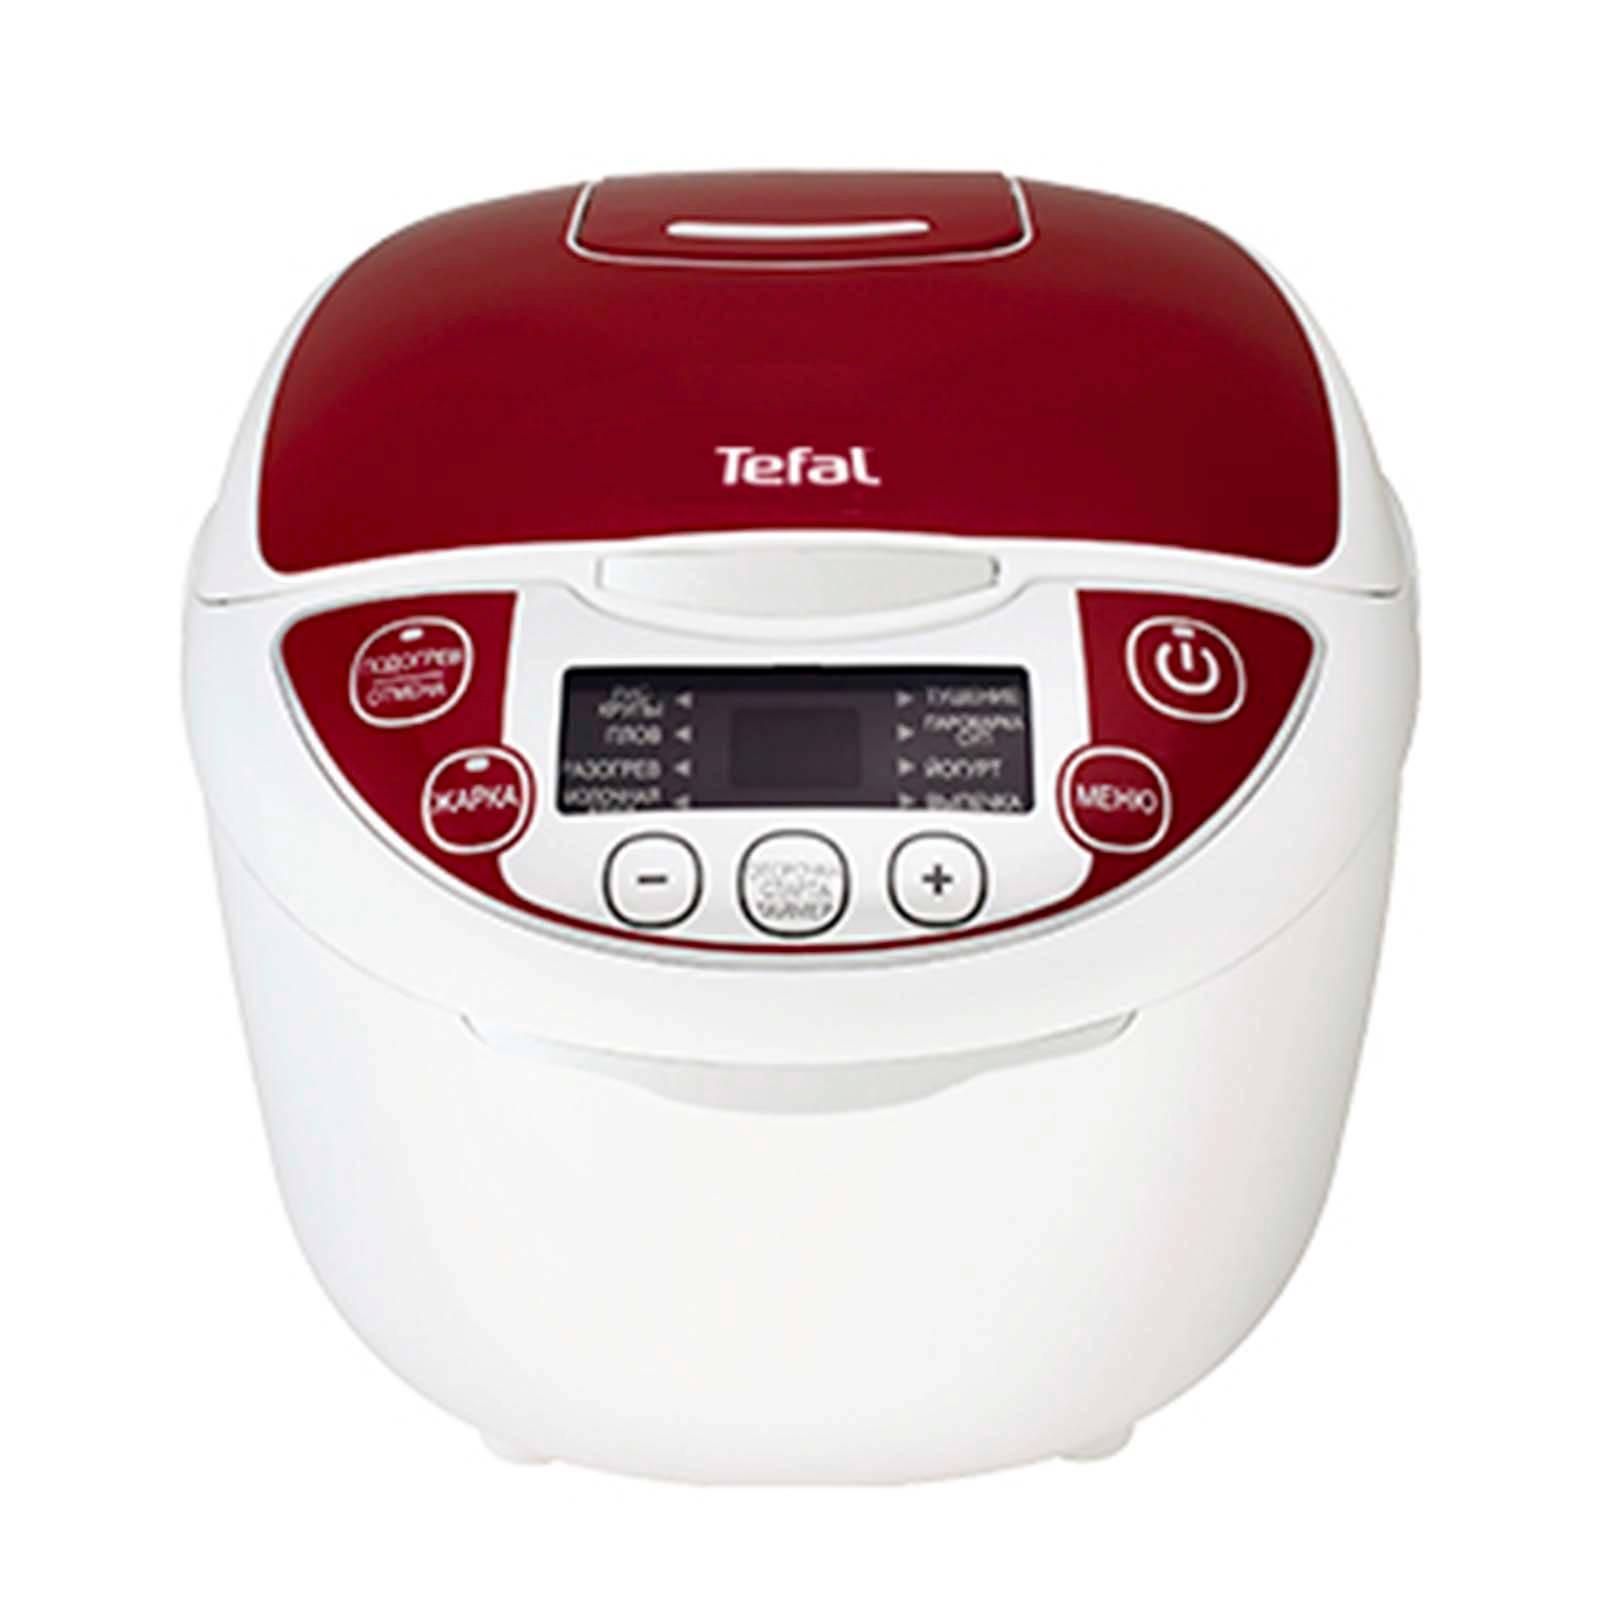 Tefal RK7051 12 in 1 Multicooker / Rijstkoker online kopen